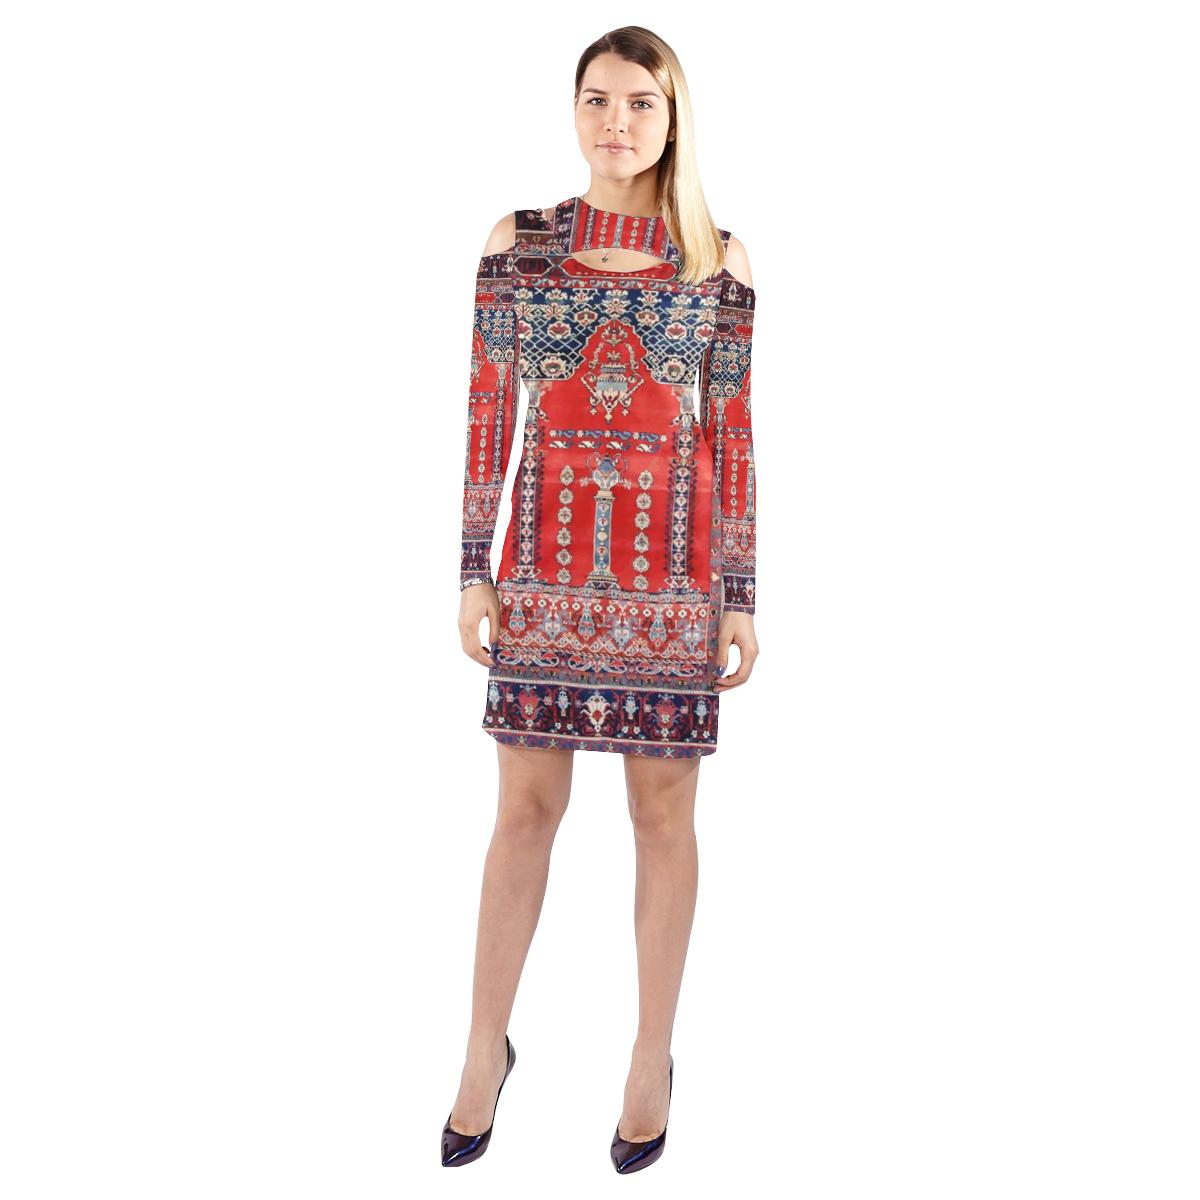 Red blue vintage antique persian rug cold shoulder long sleeve dress